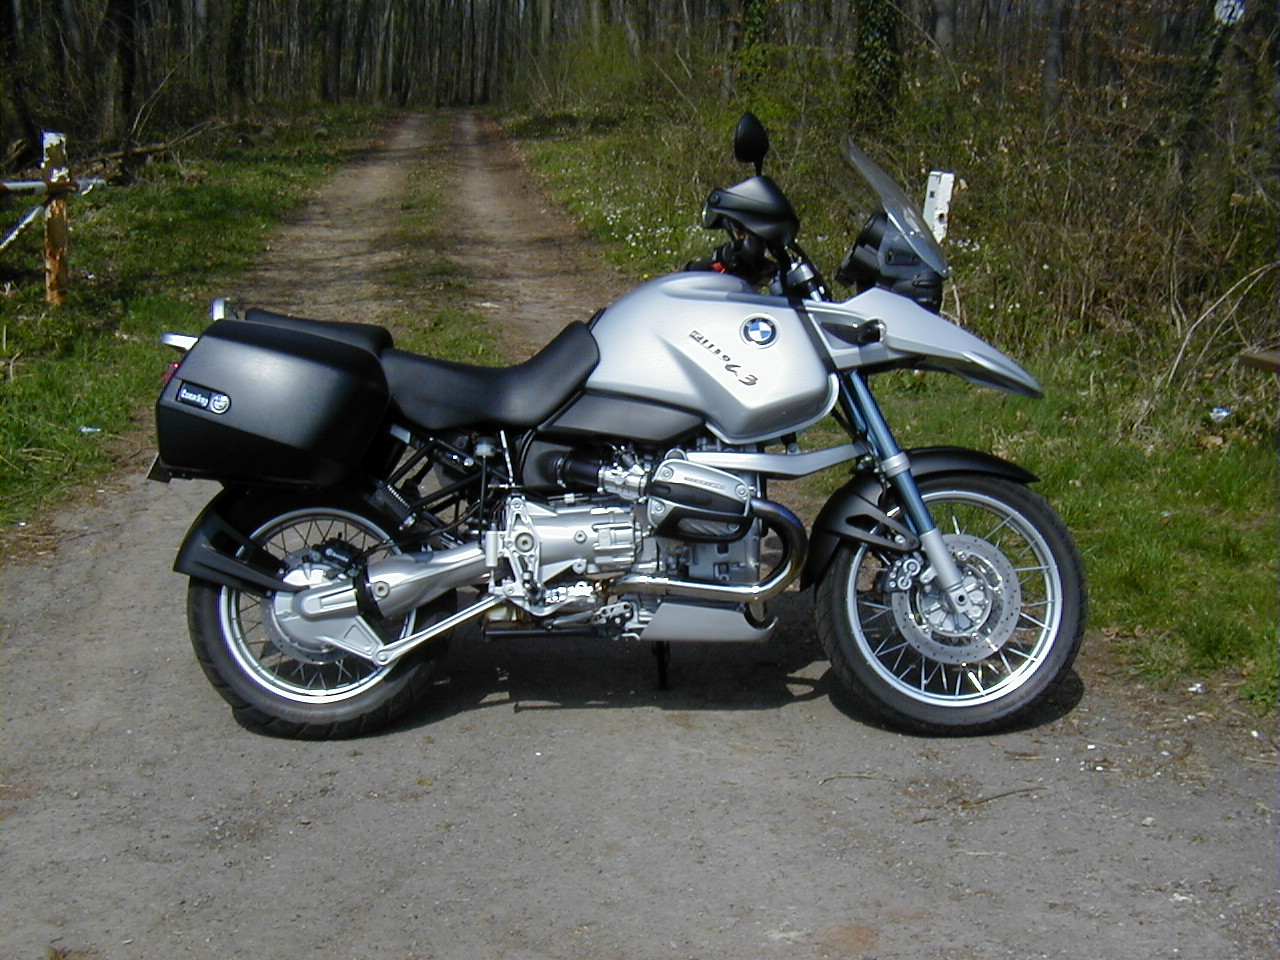 r1150-gs-silber-1.1.jpg